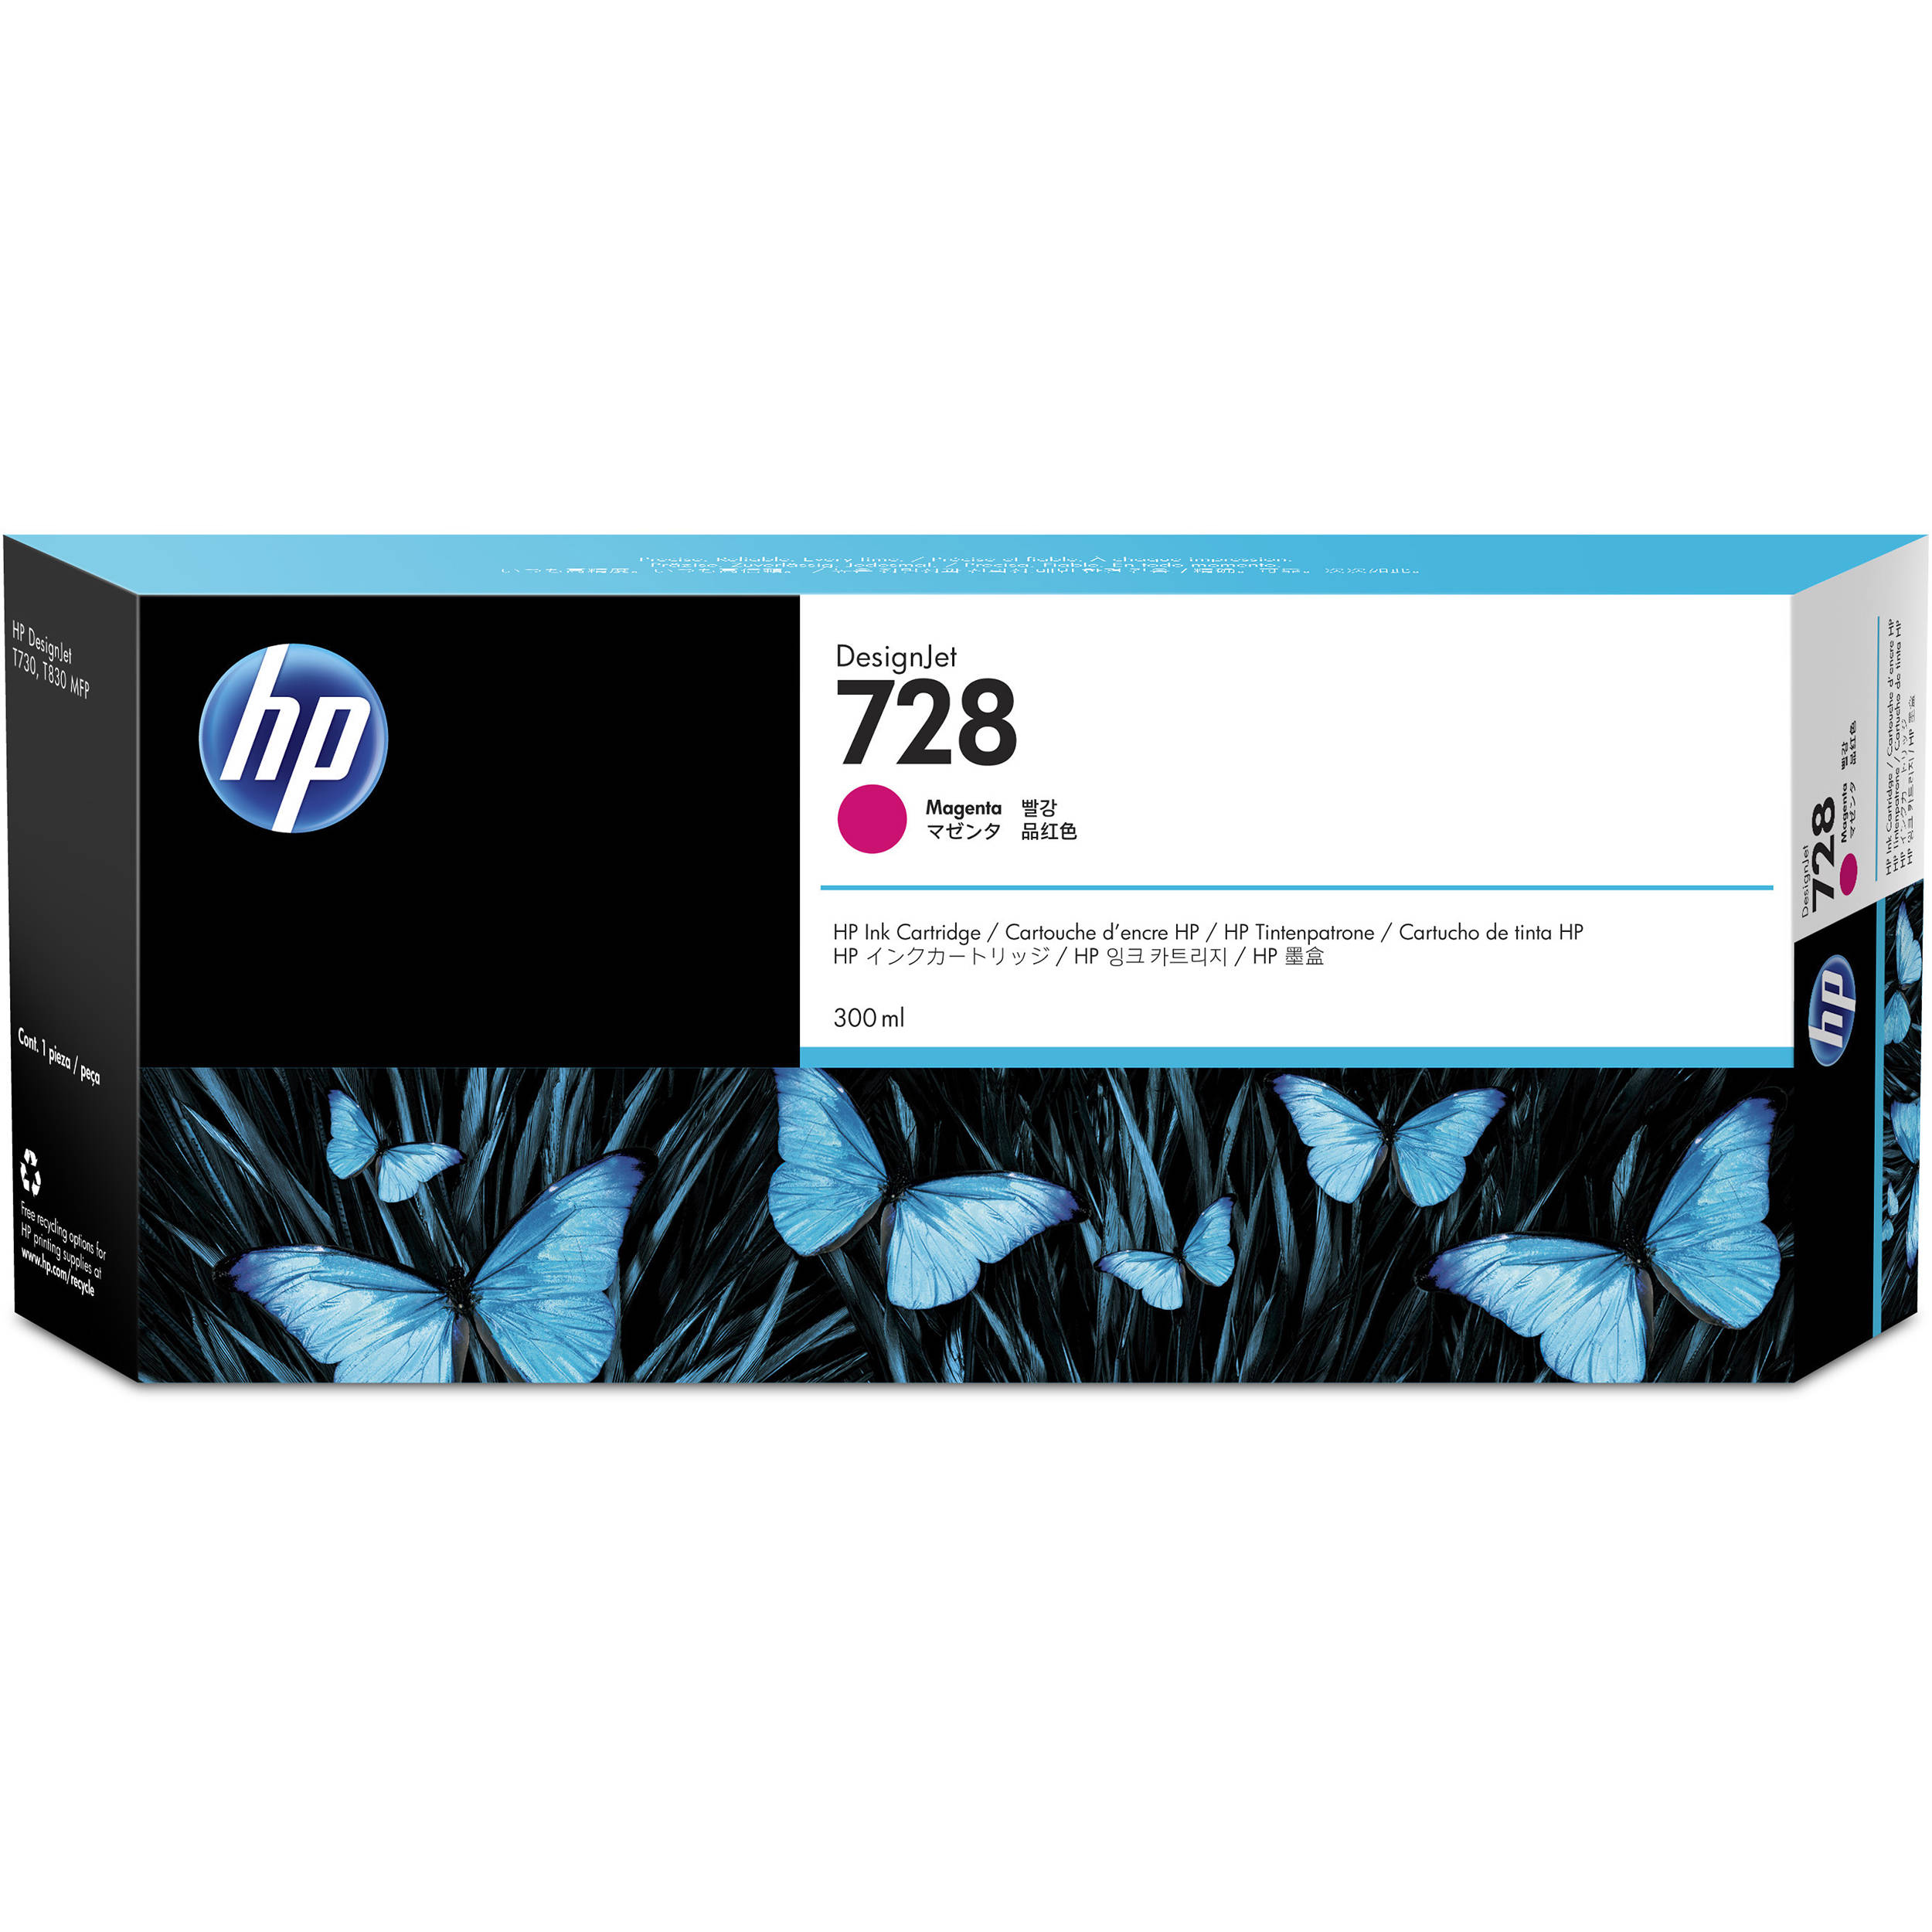 Resultado de imagen para HP 728 MAGENTA 300 ML